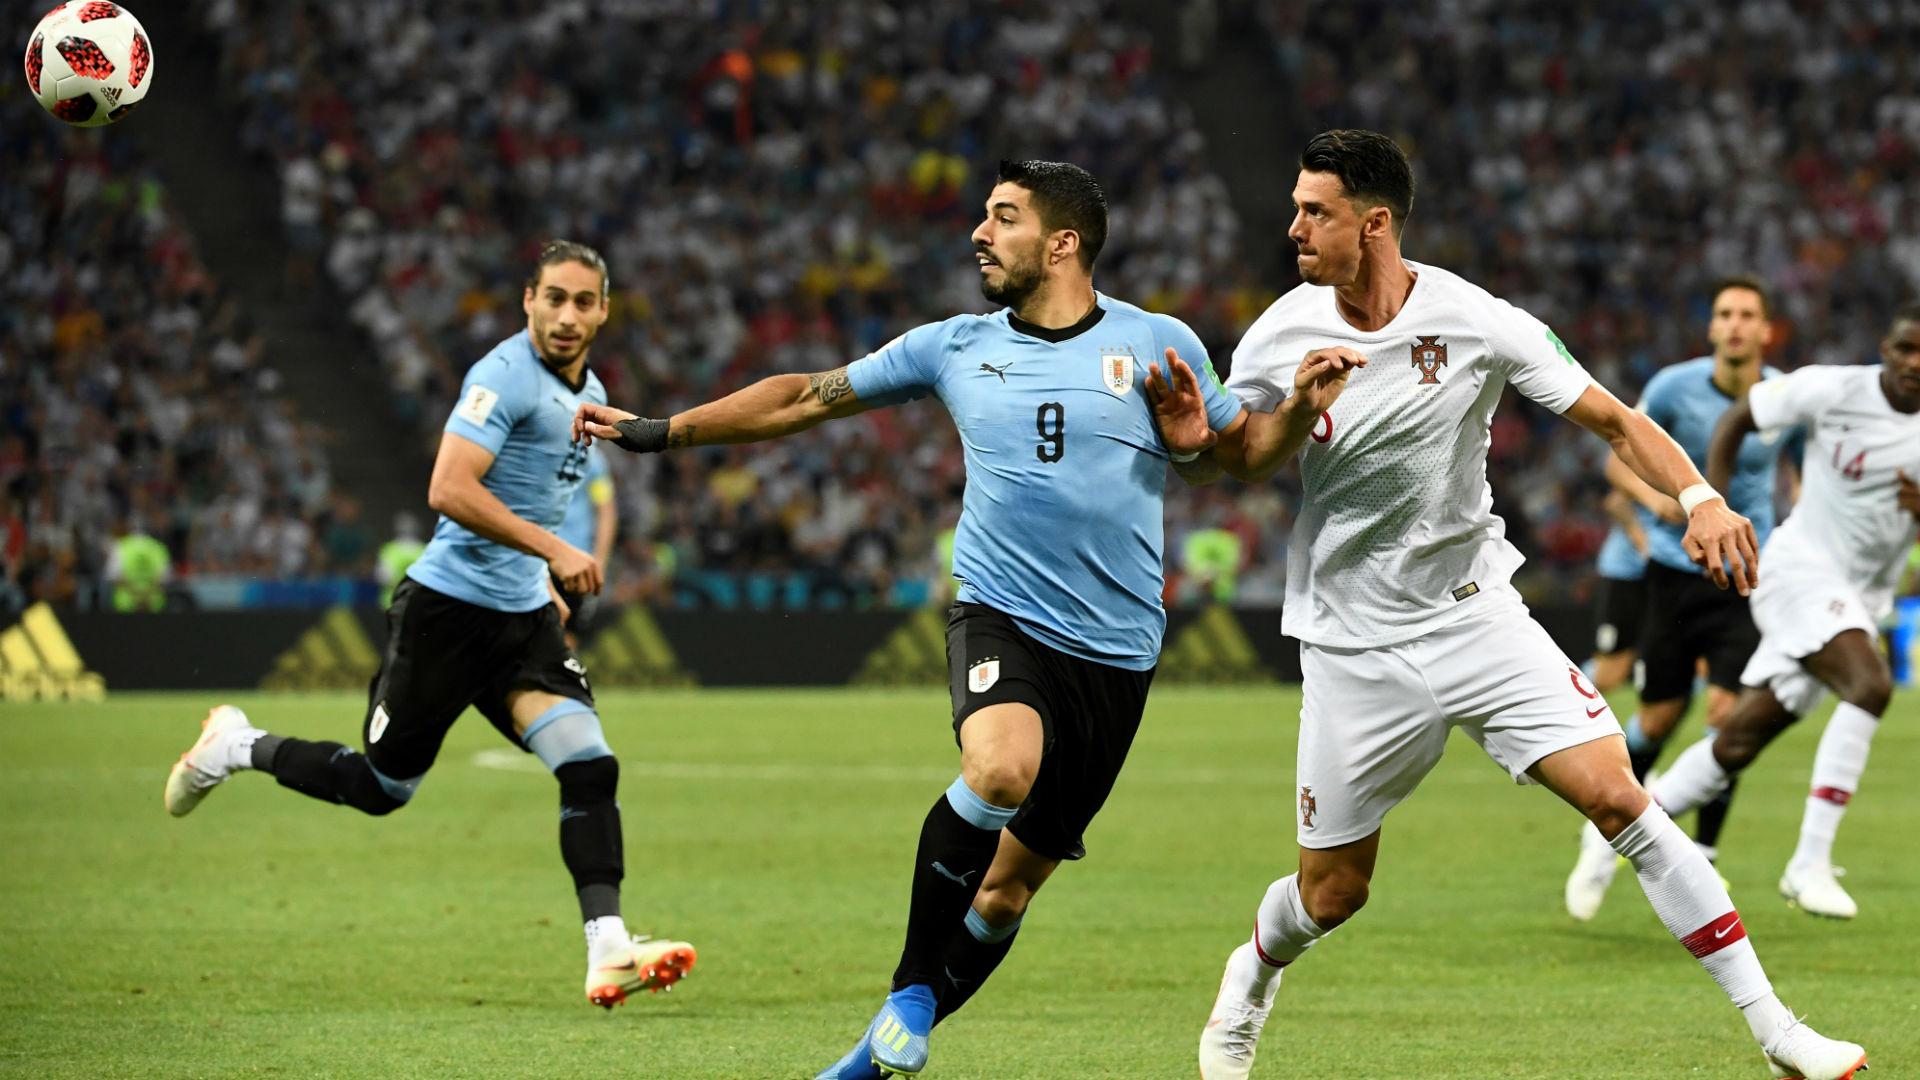 Jose Fonte Luis Suarez Uruguay Portugal World Cup 2018 30062018